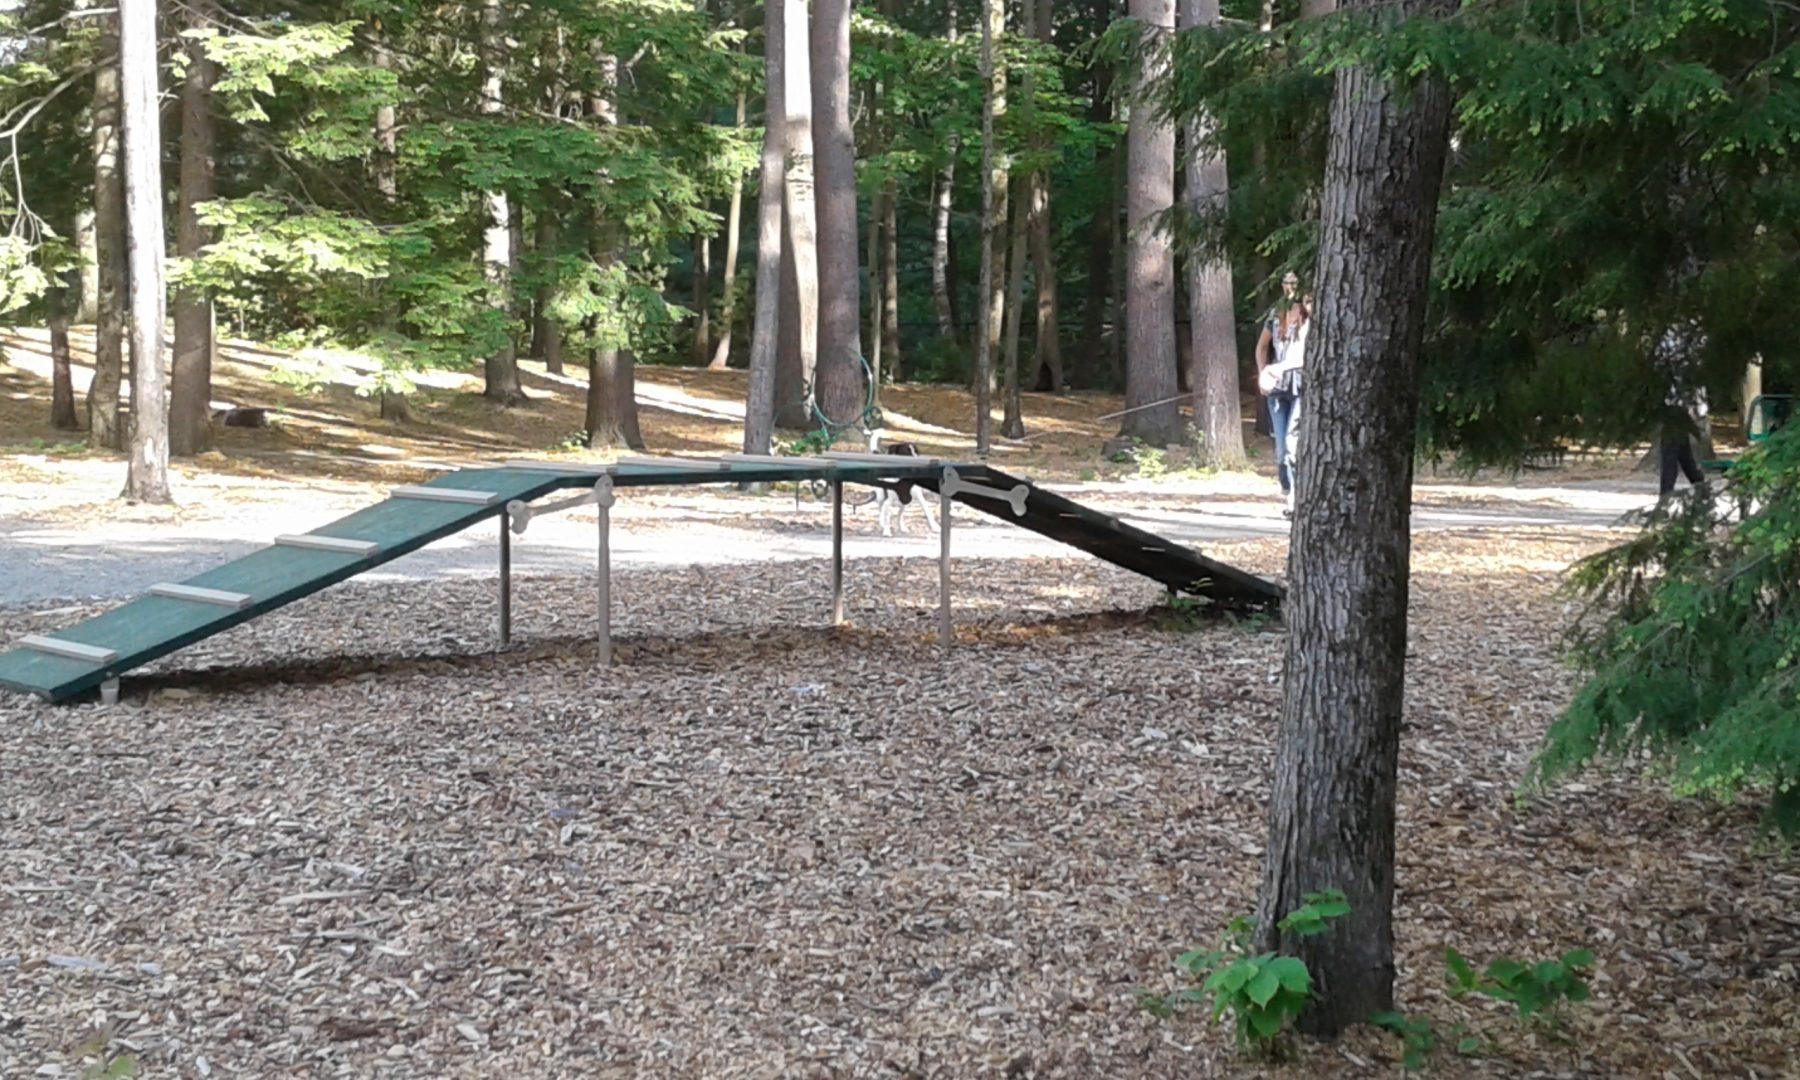 Dog park feature